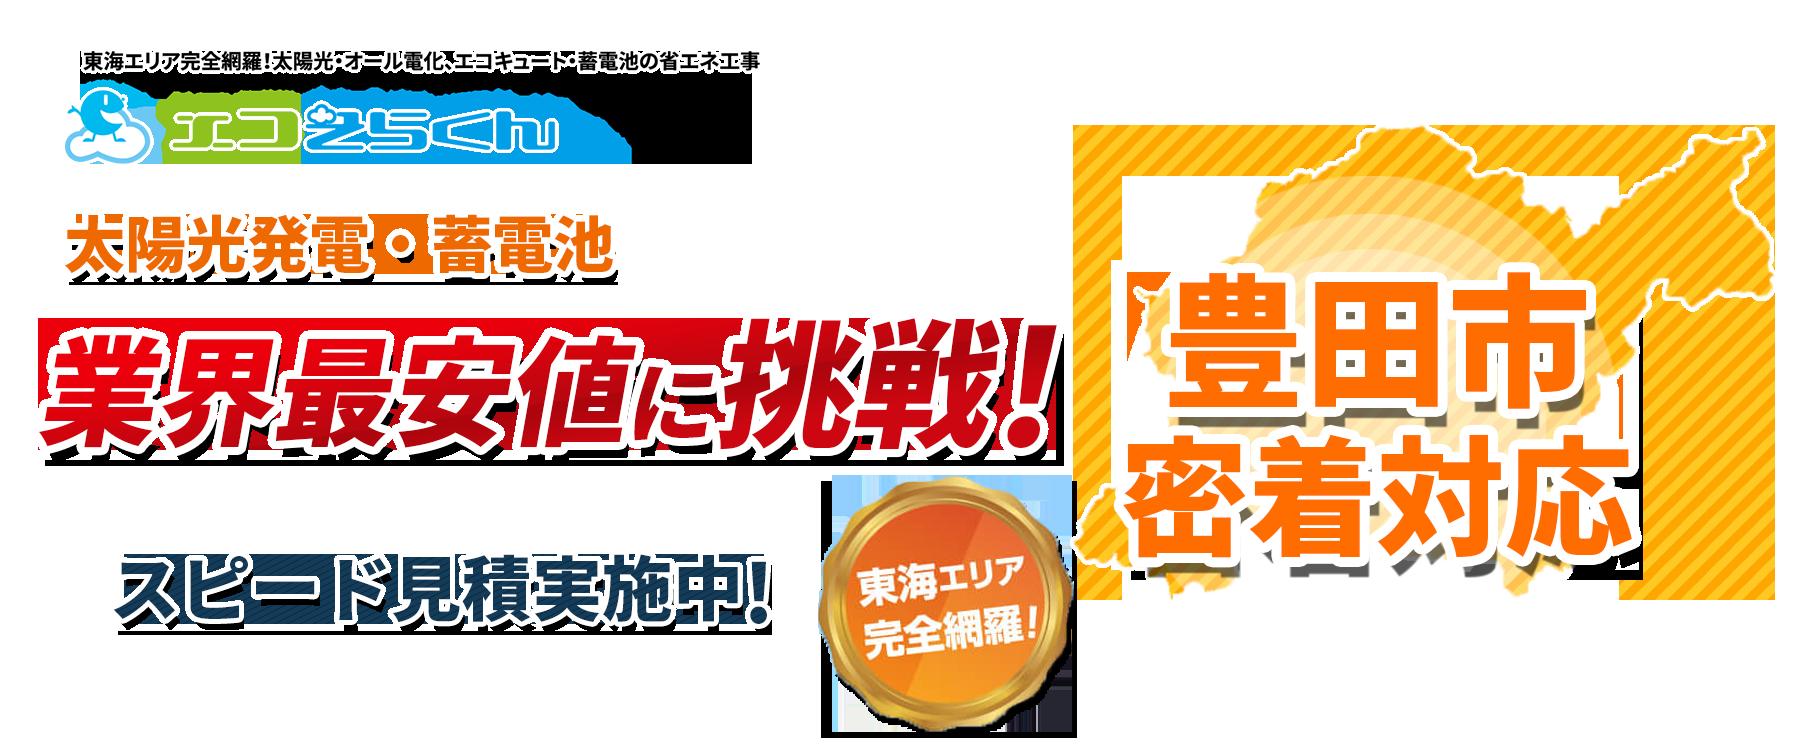 愛知県豊田市密着対応!